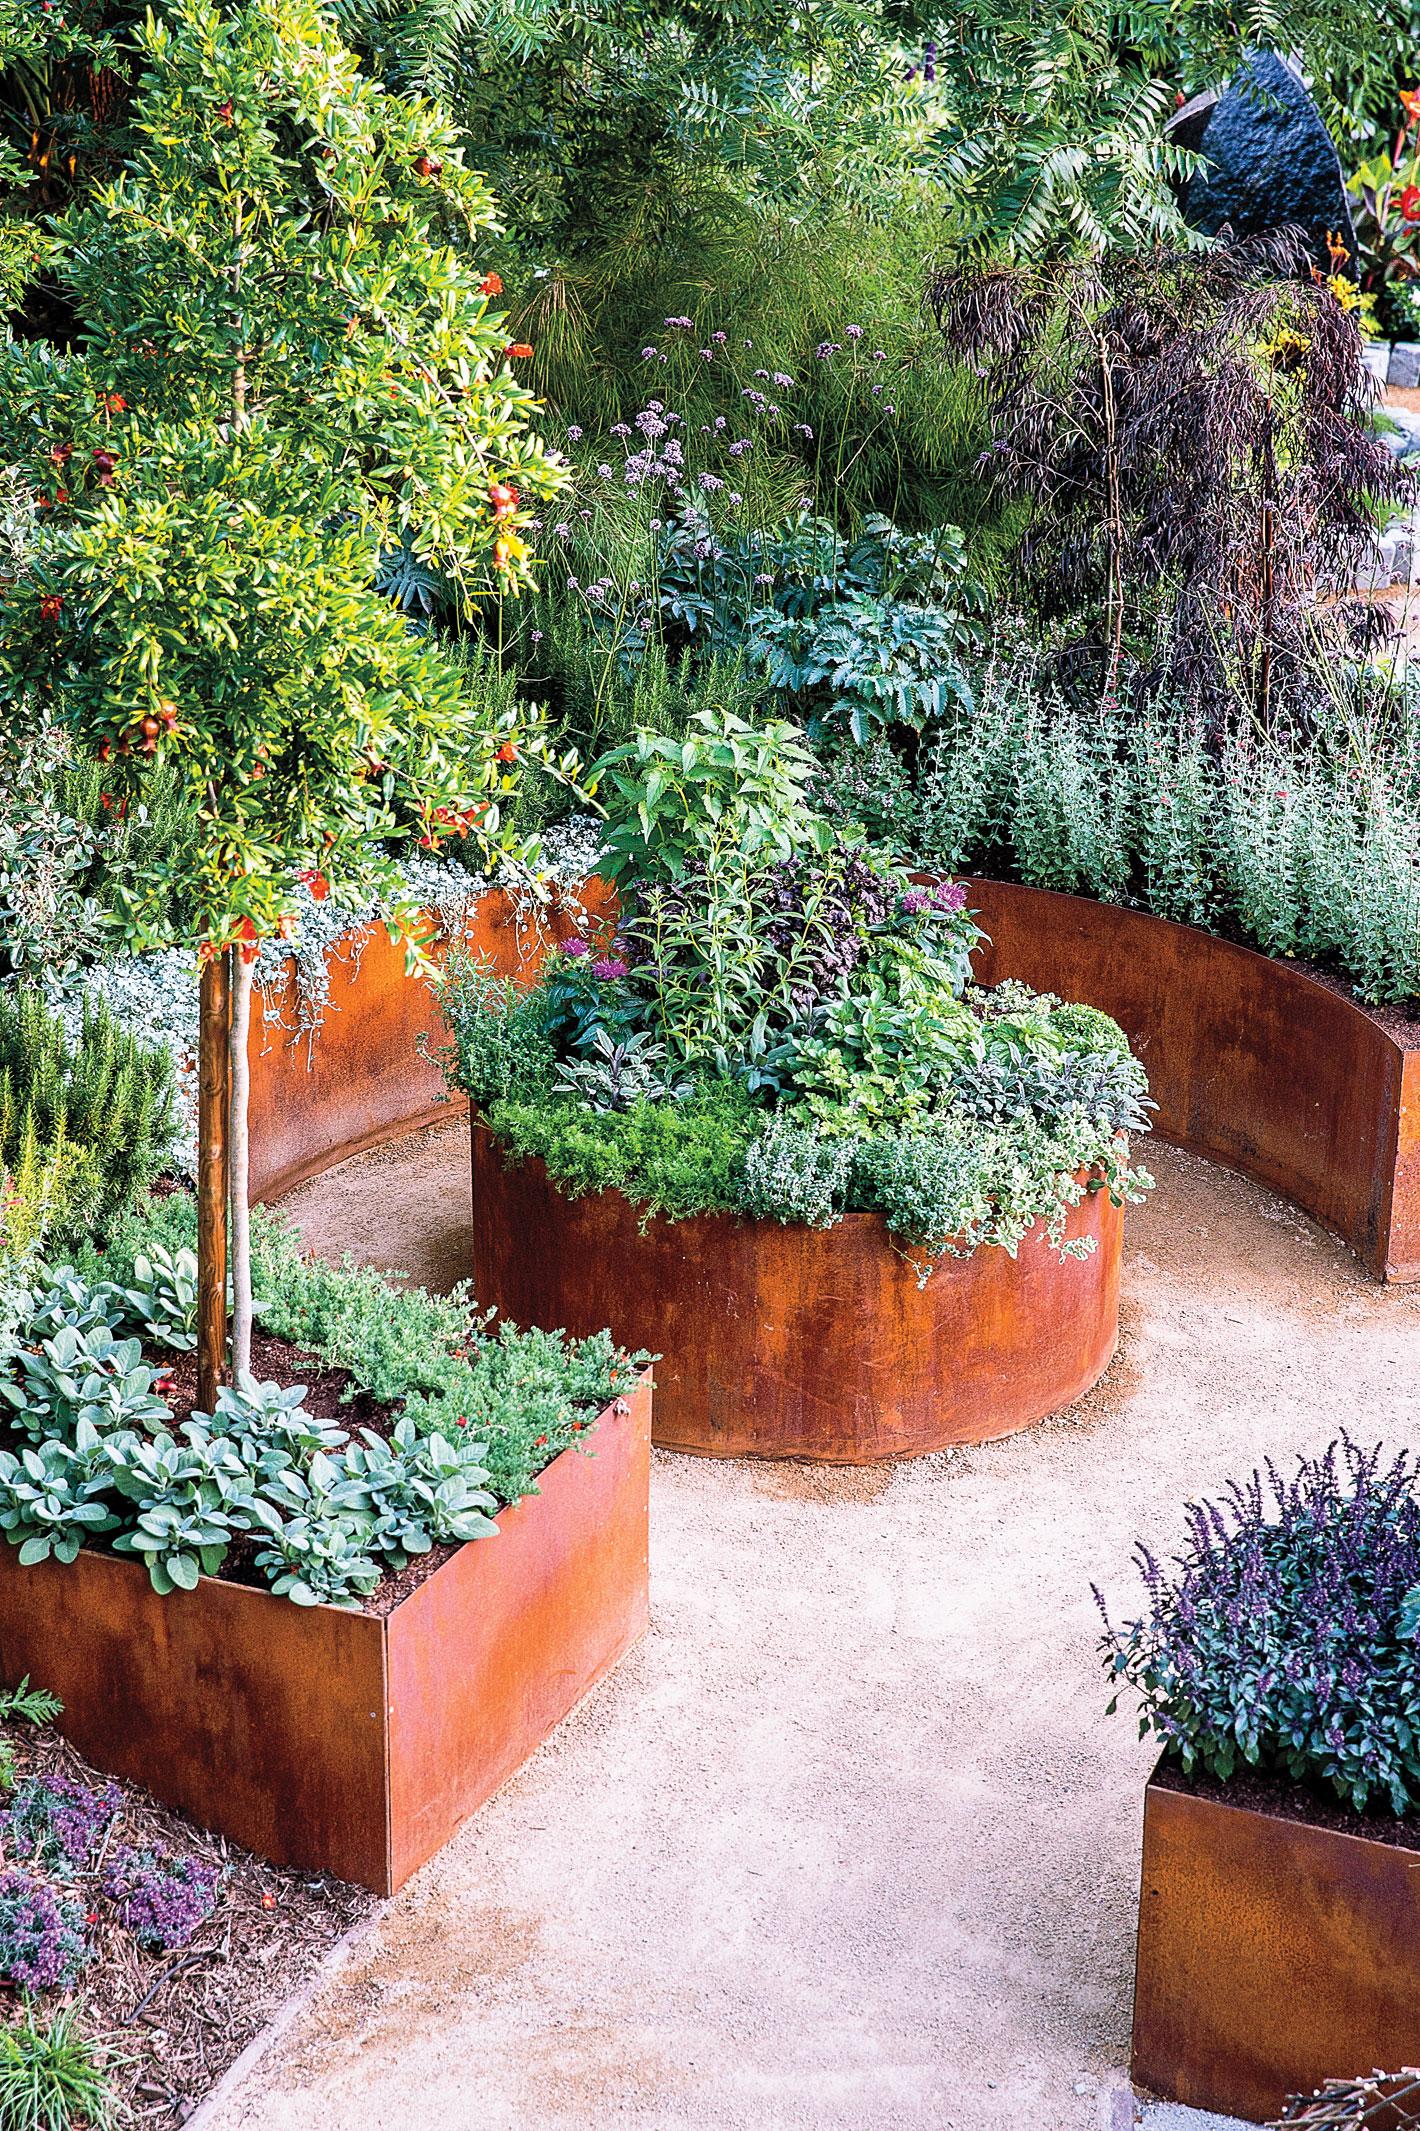 Corner An Edible Garden Sunset Sunset Magazine Backyard Landscaping Layout Ideas Backyard Garden Design Layout Create Small Backyard Ideas outdoor Backyard Landscaping Layout